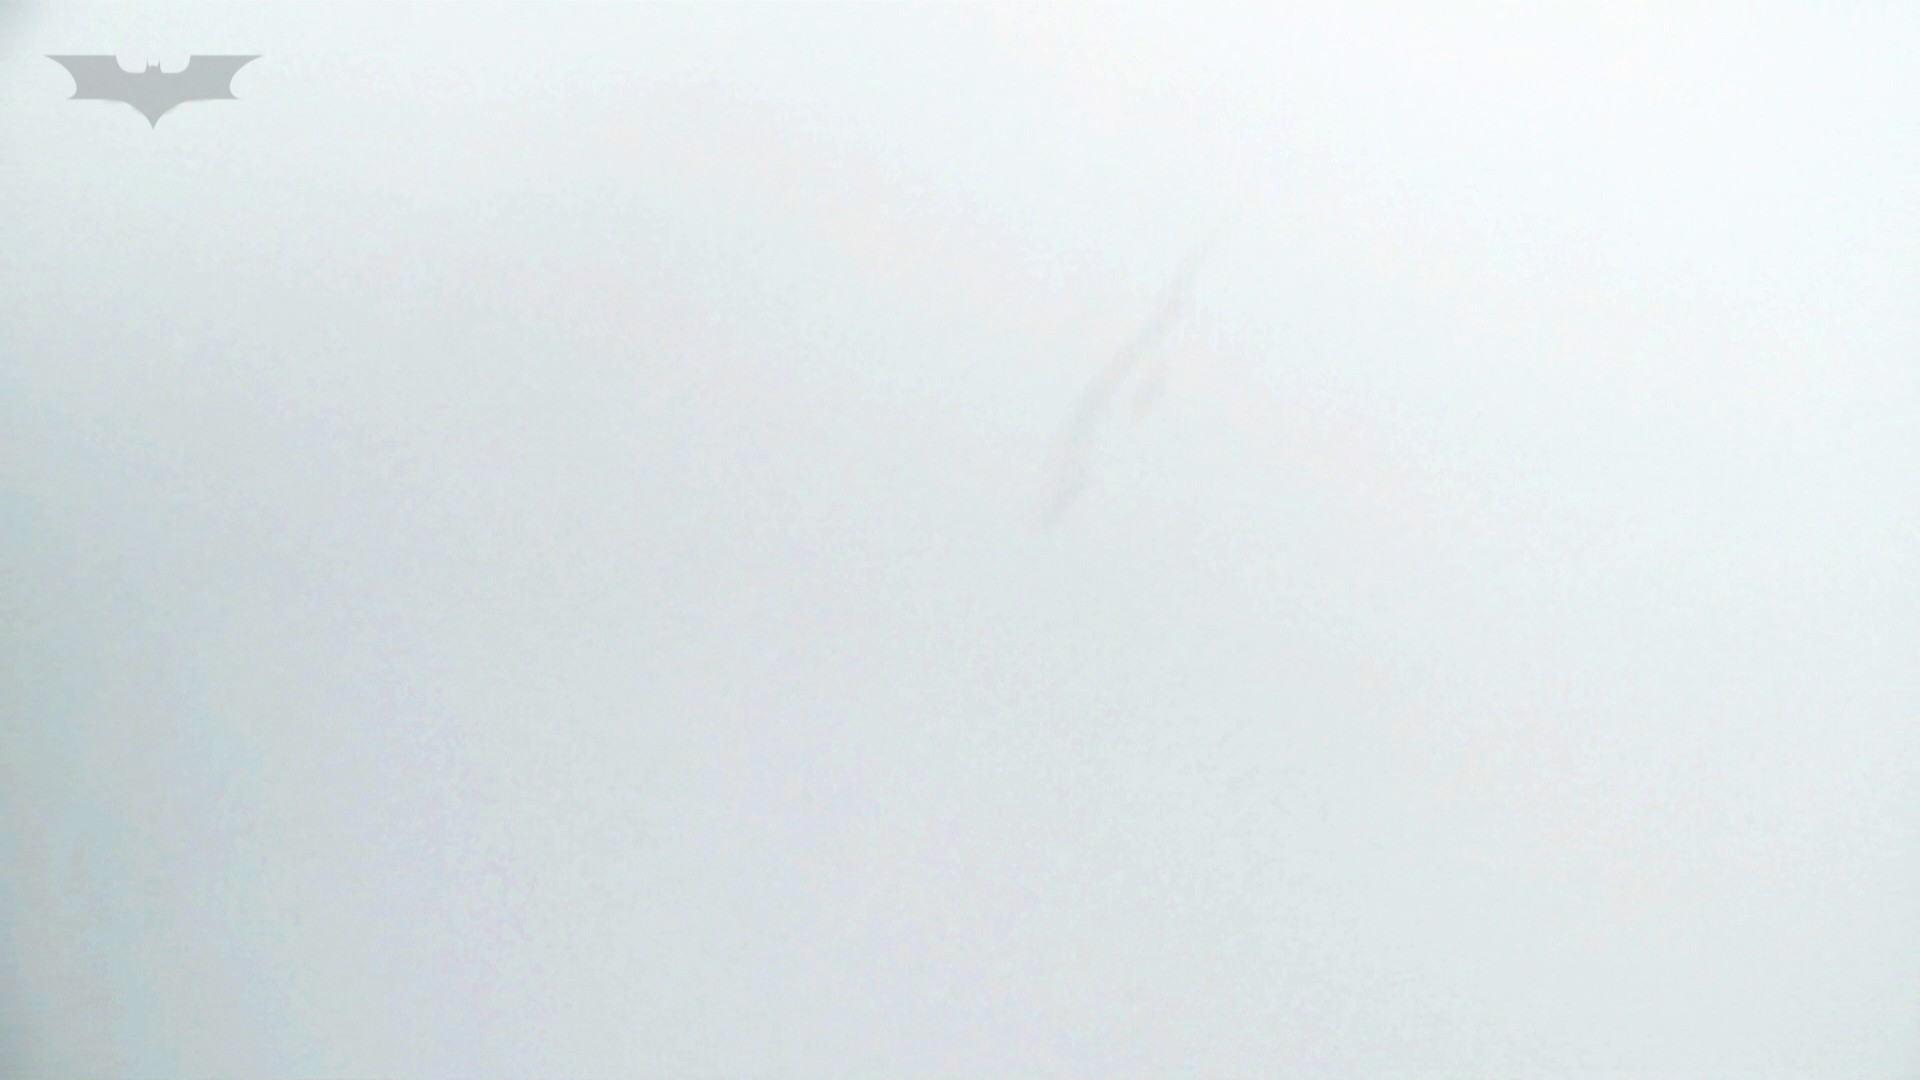 下からノゾム vol.020 10センチ越えドロンを垂らしながら・・・ 丸見え  109画像 24